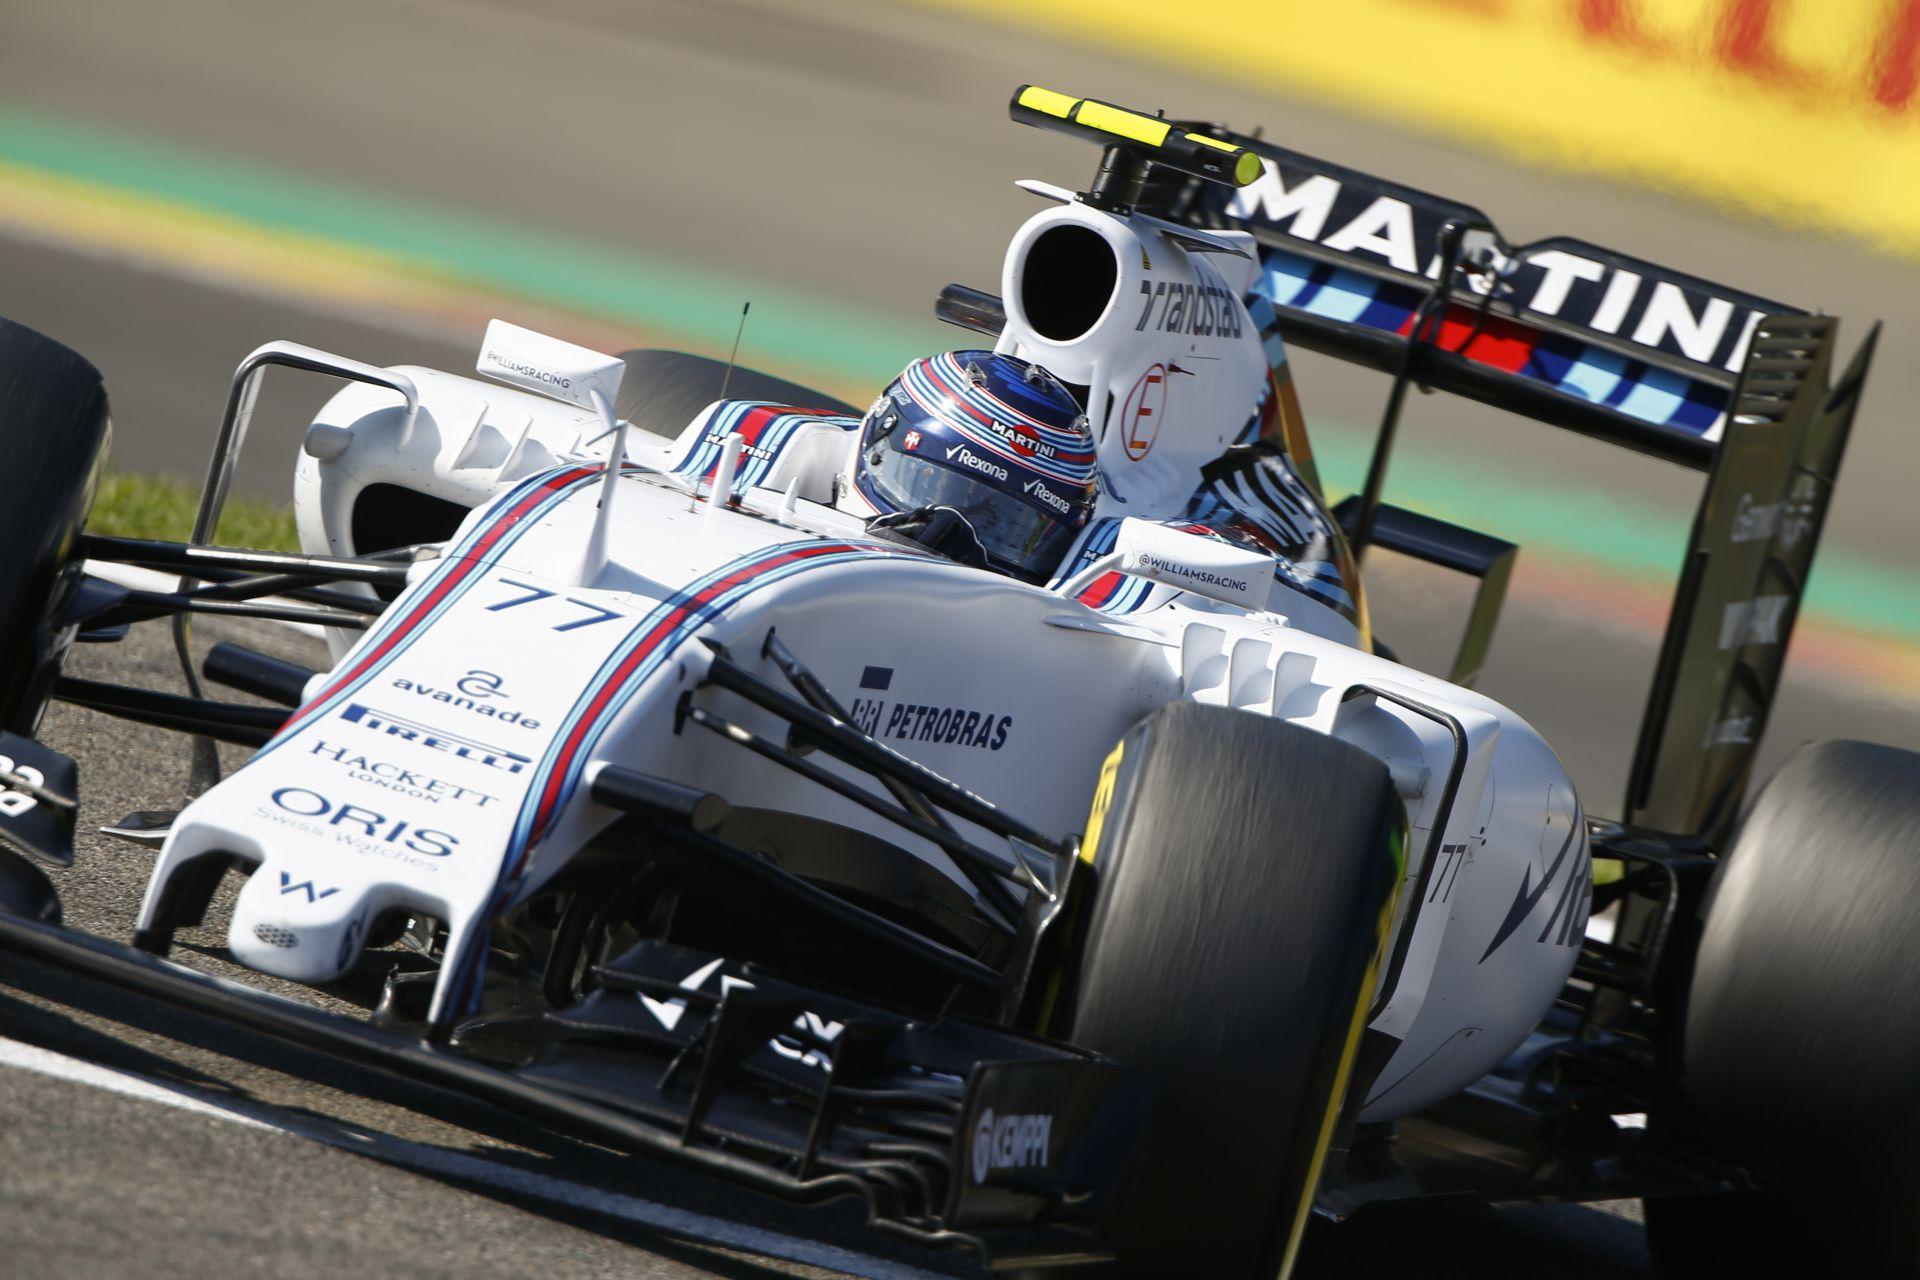 Williams: A Ferrari valóban szemet vetett Bottasra, de meg tudtuk őt tartani!